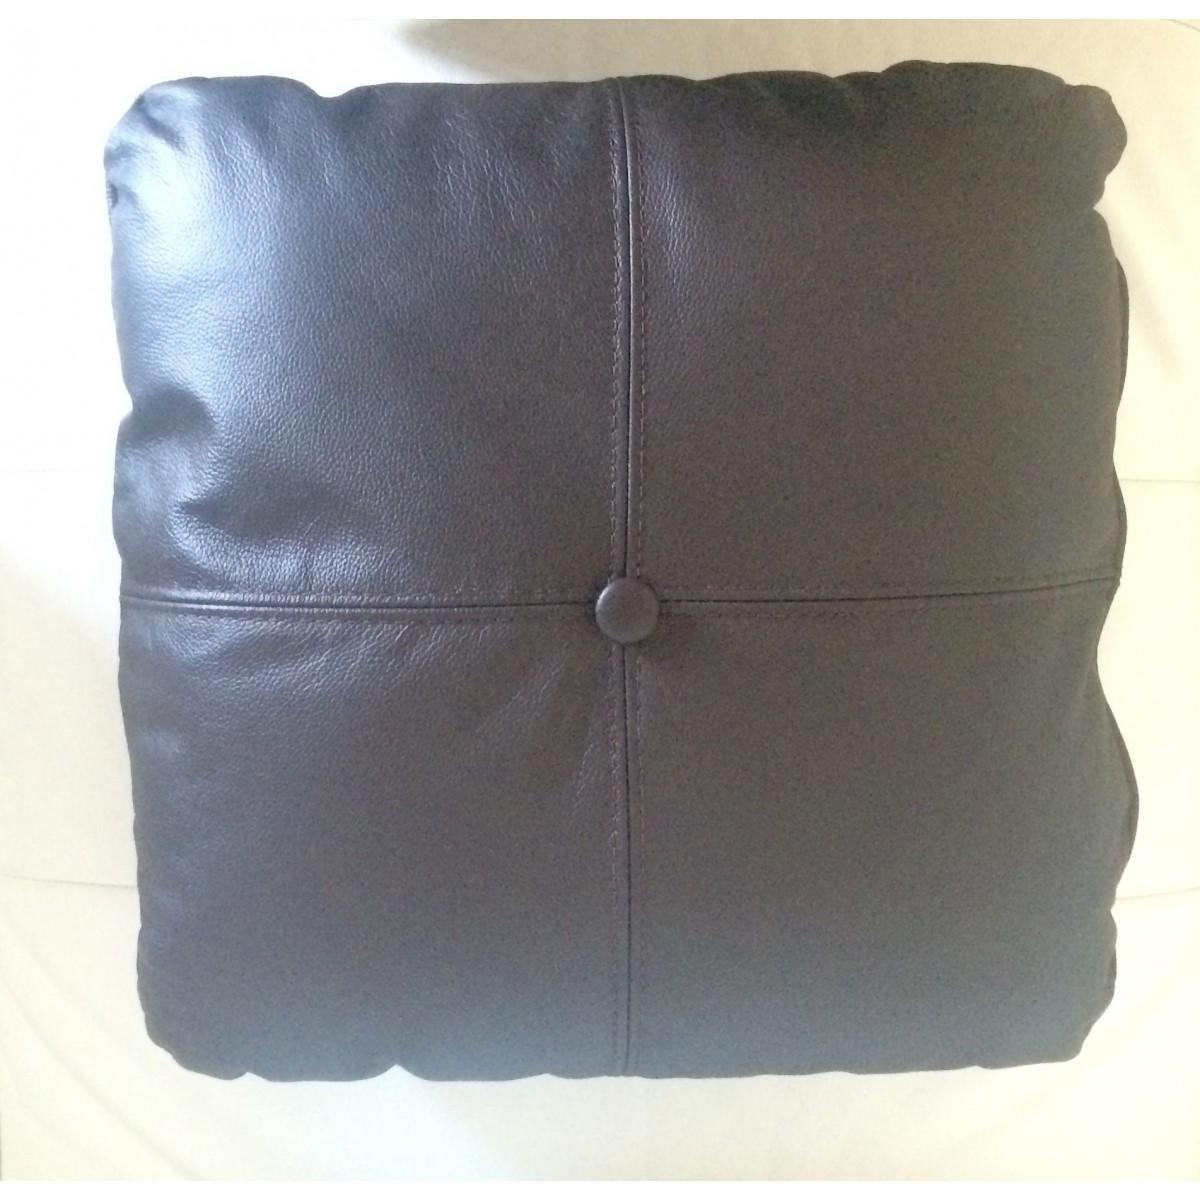 coussin personnalis en simili cuir cuir pour votre canap fauteuils en cuir canap s. Black Bedroom Furniture Sets. Home Design Ideas